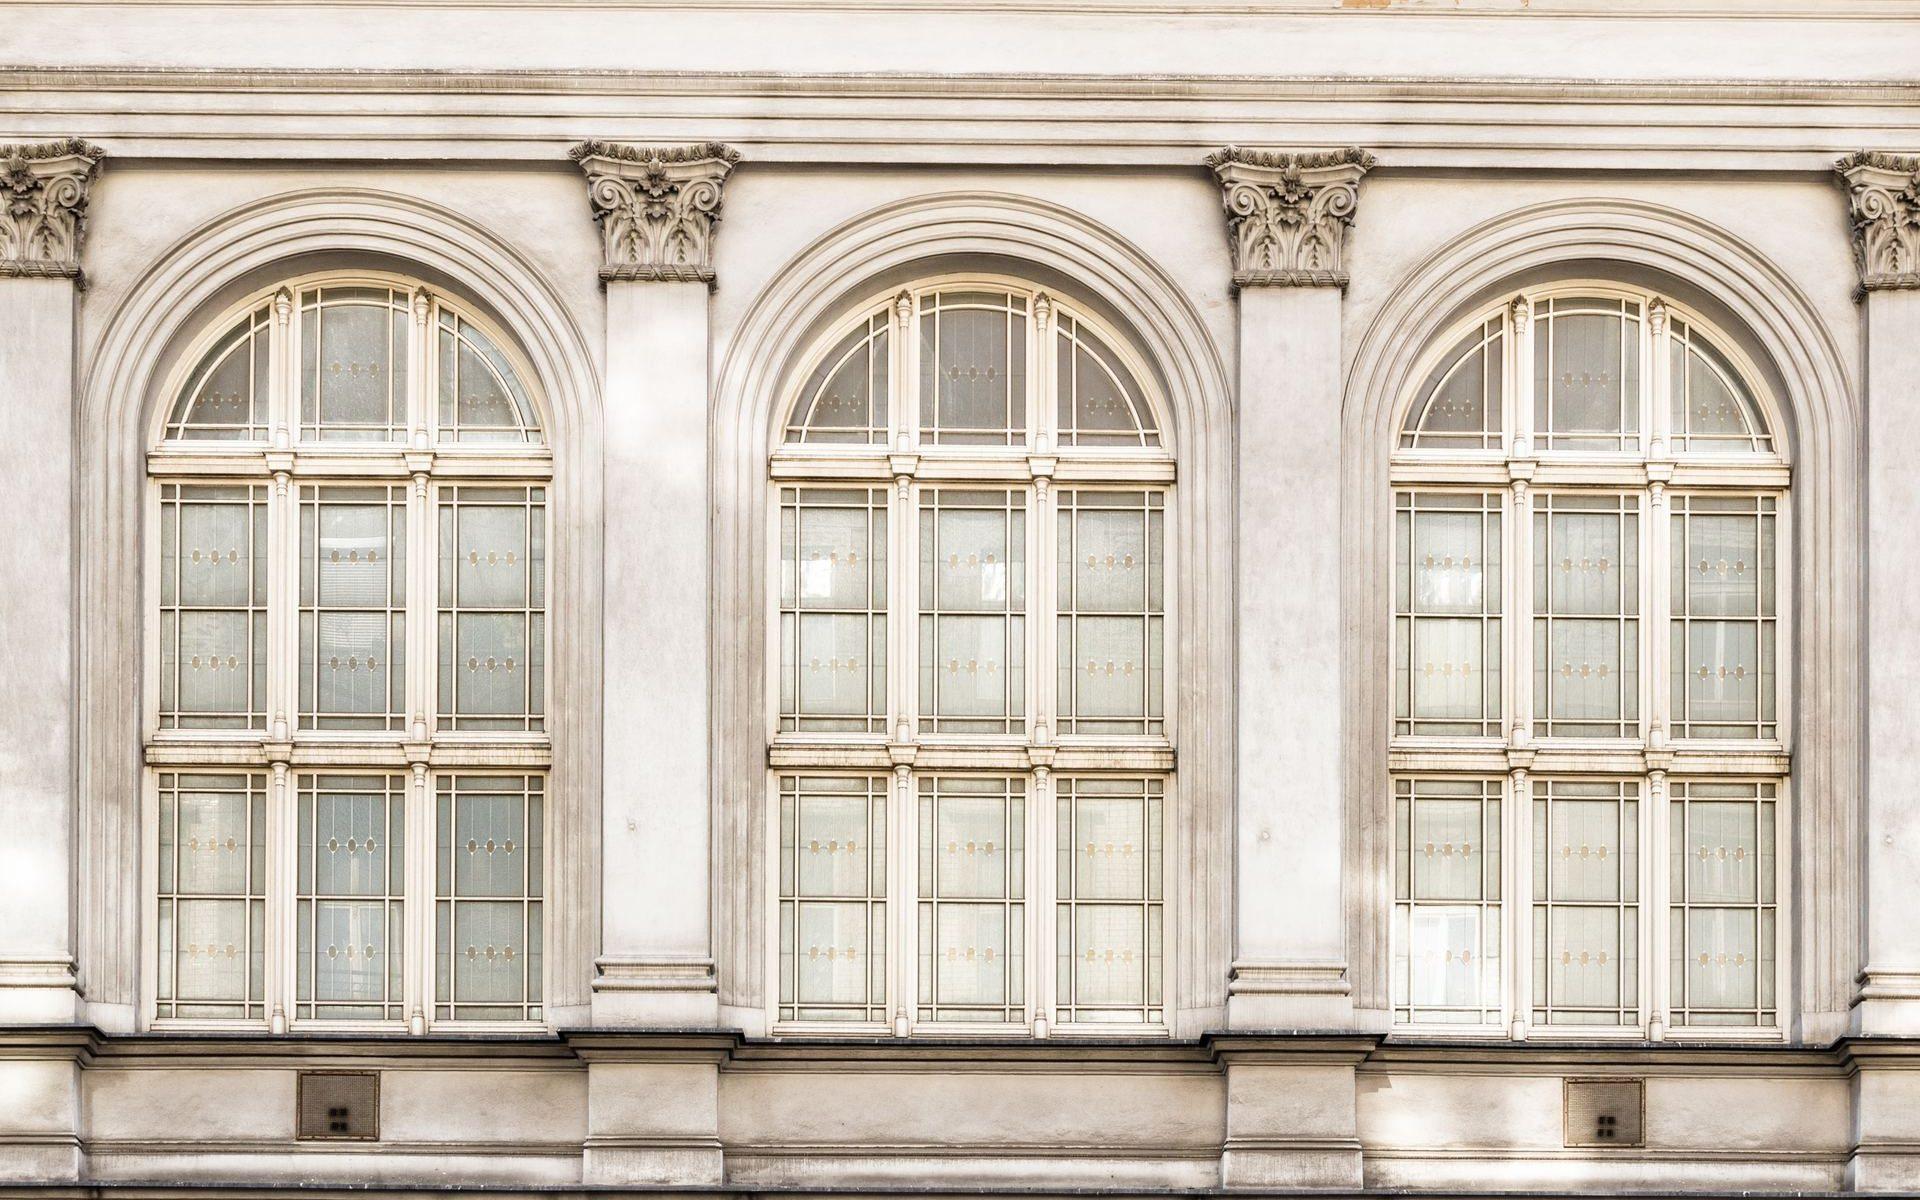 Köpa fönster - Många fördelar